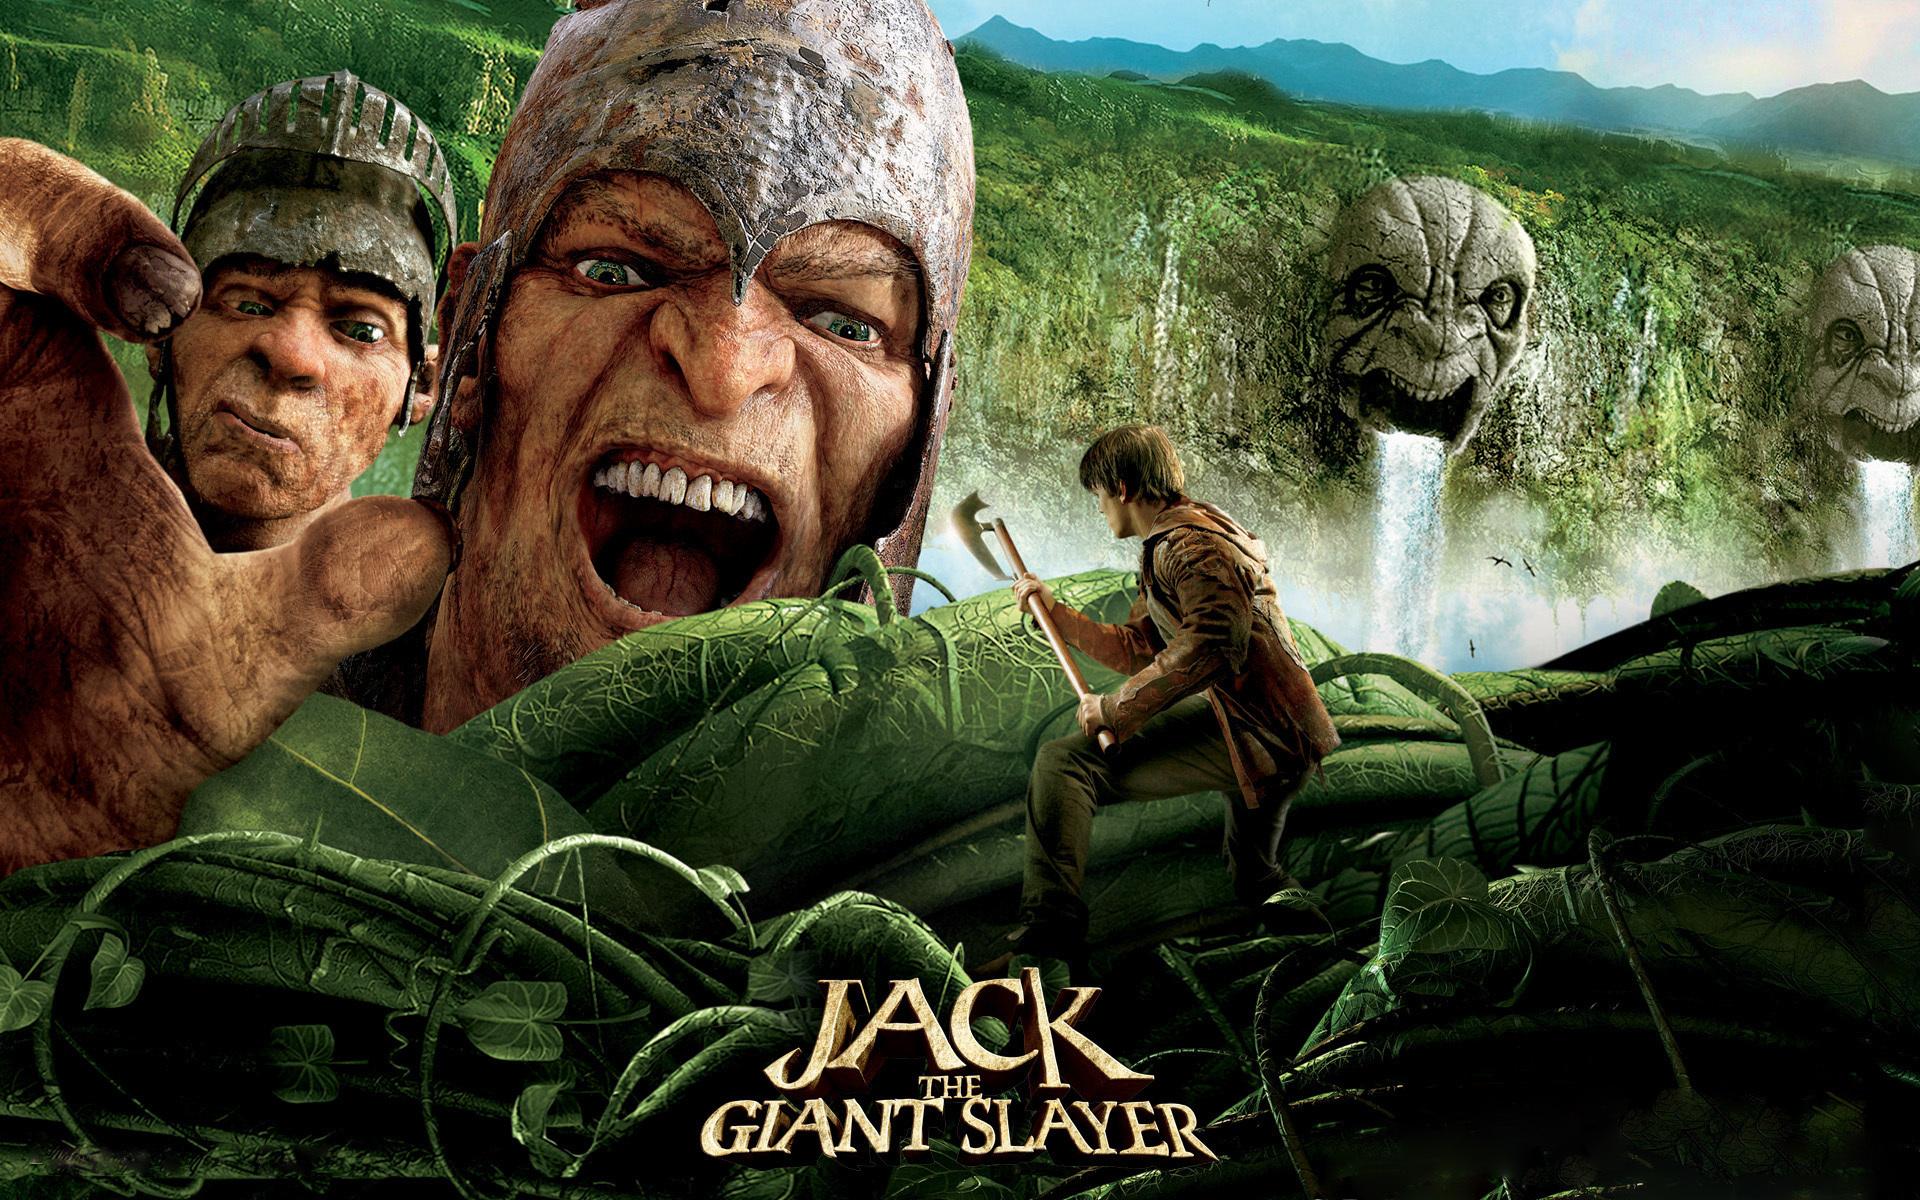 Джек покоритель великанов постер фильм загрузить